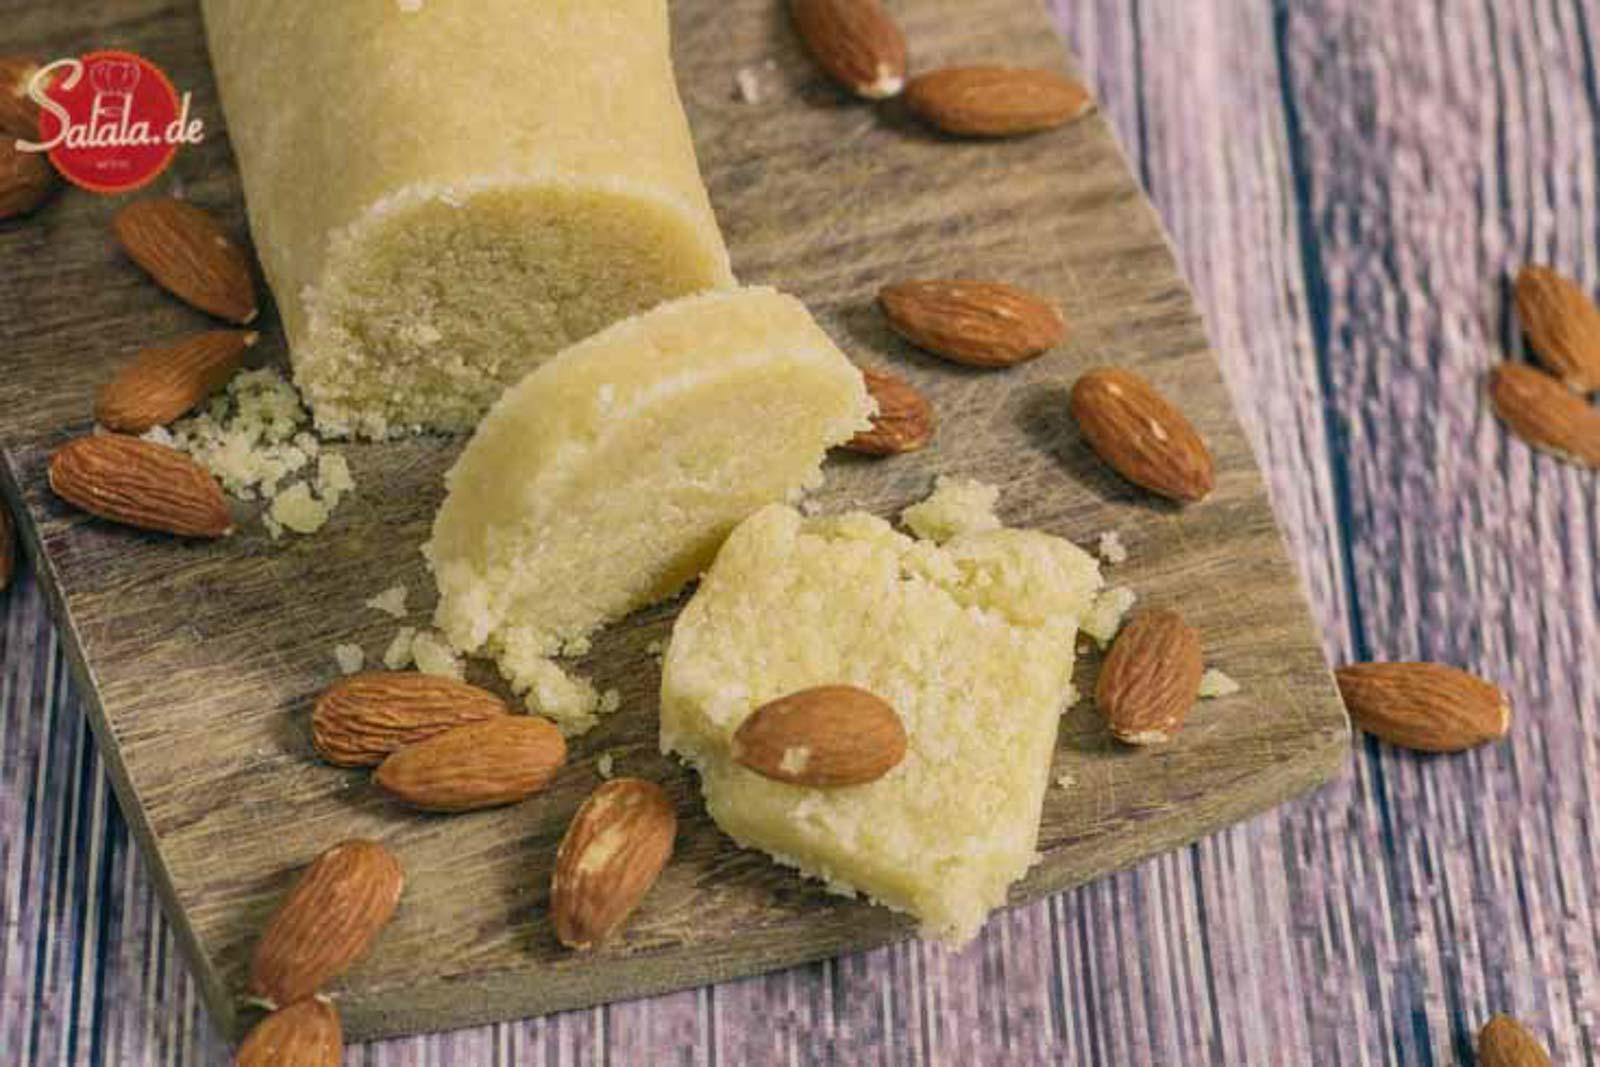 Low Carb Marzipan einfach selber machen - by salala.de - Maripan ohne Zucker Low Carb glutenfrei zuckerfrei Rezept